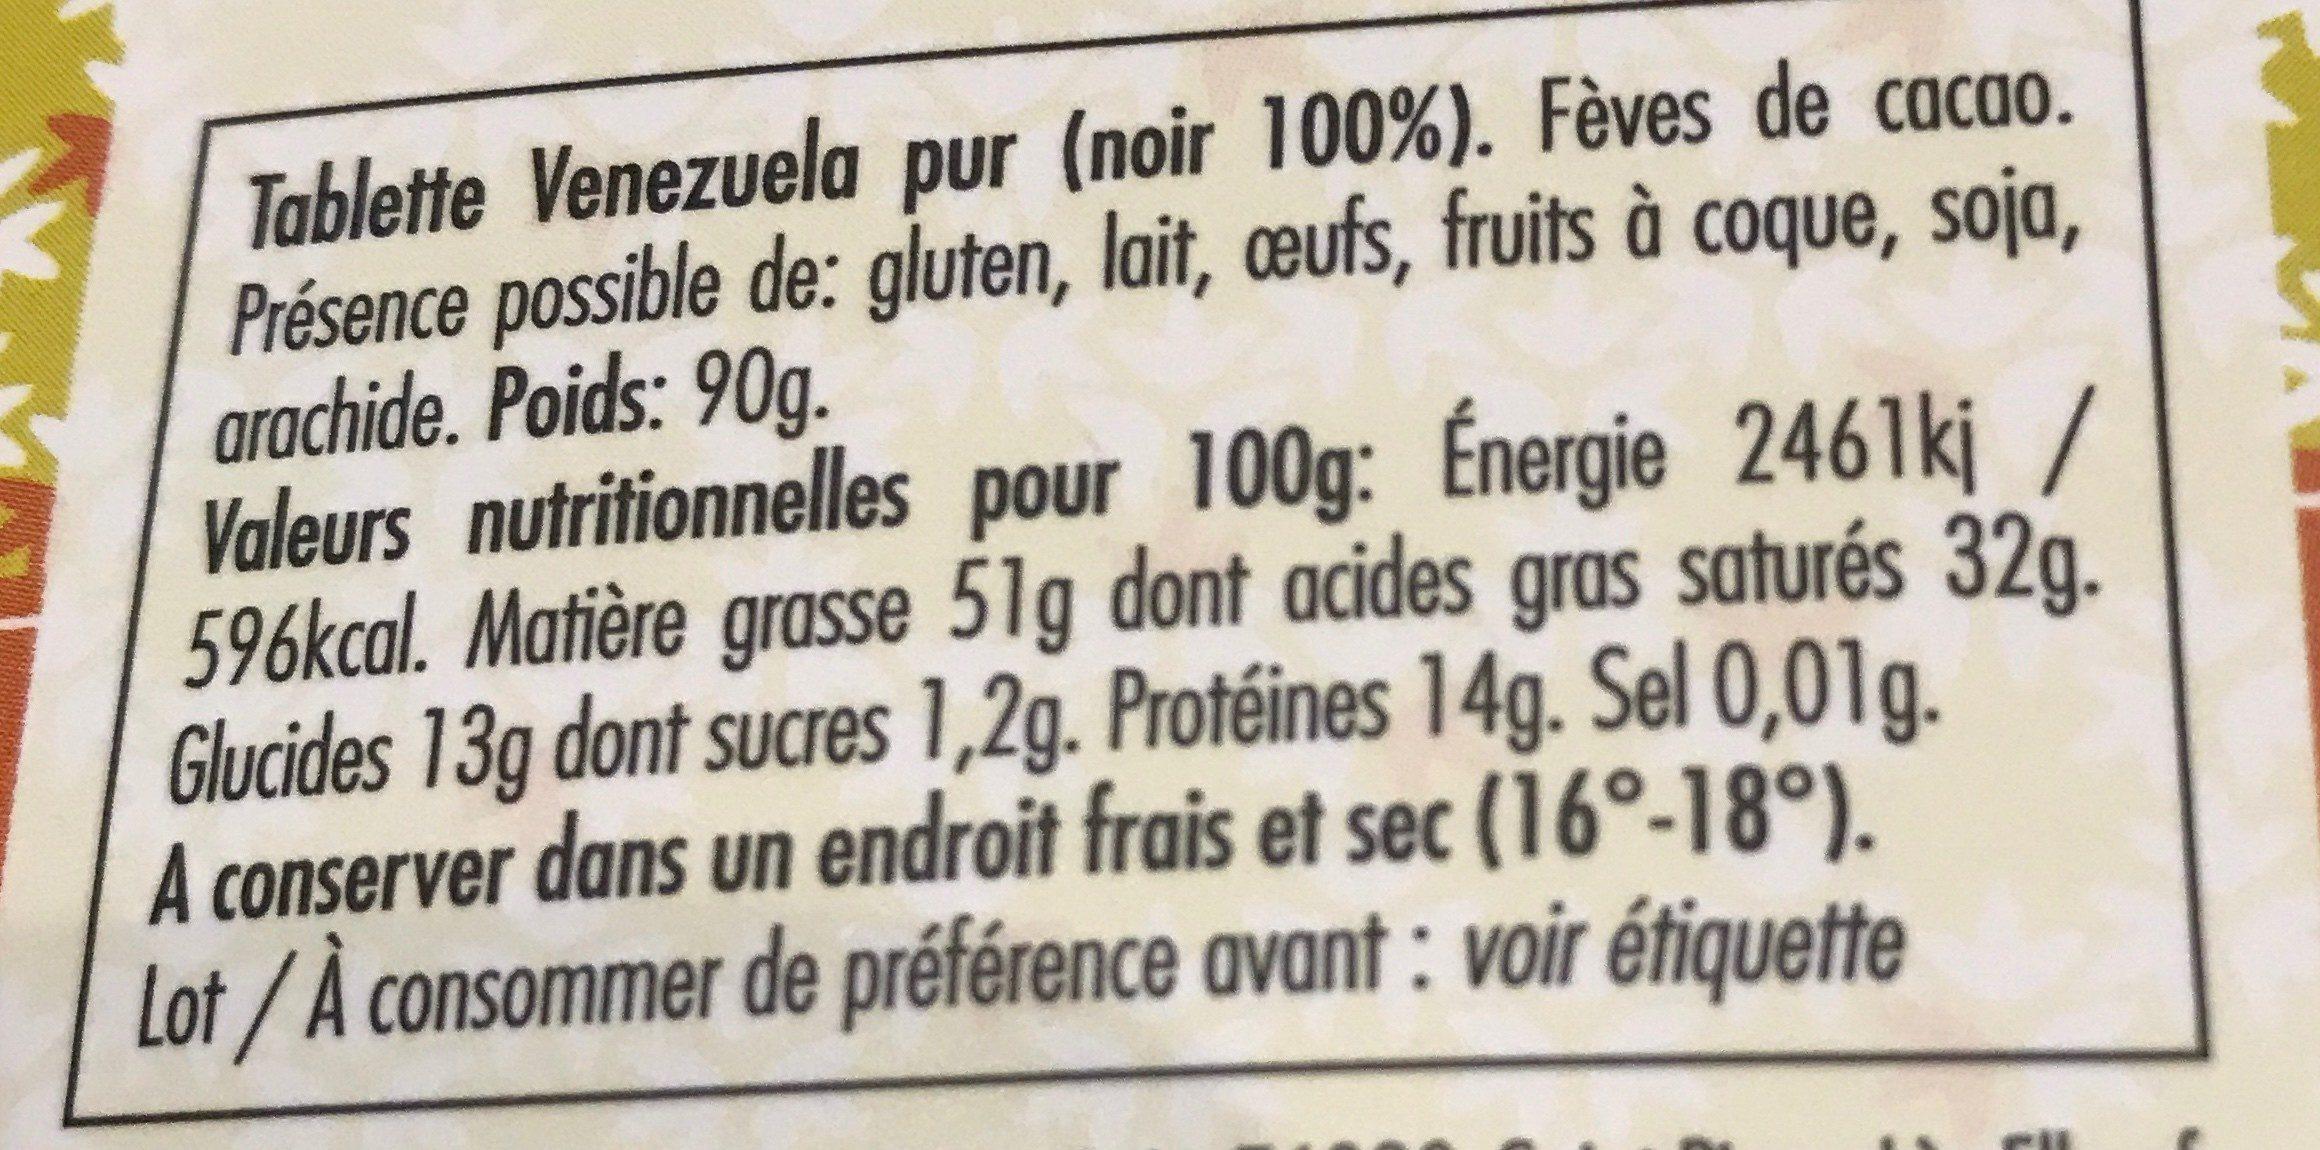 Vénézuela pur noir 100% - Ingredients